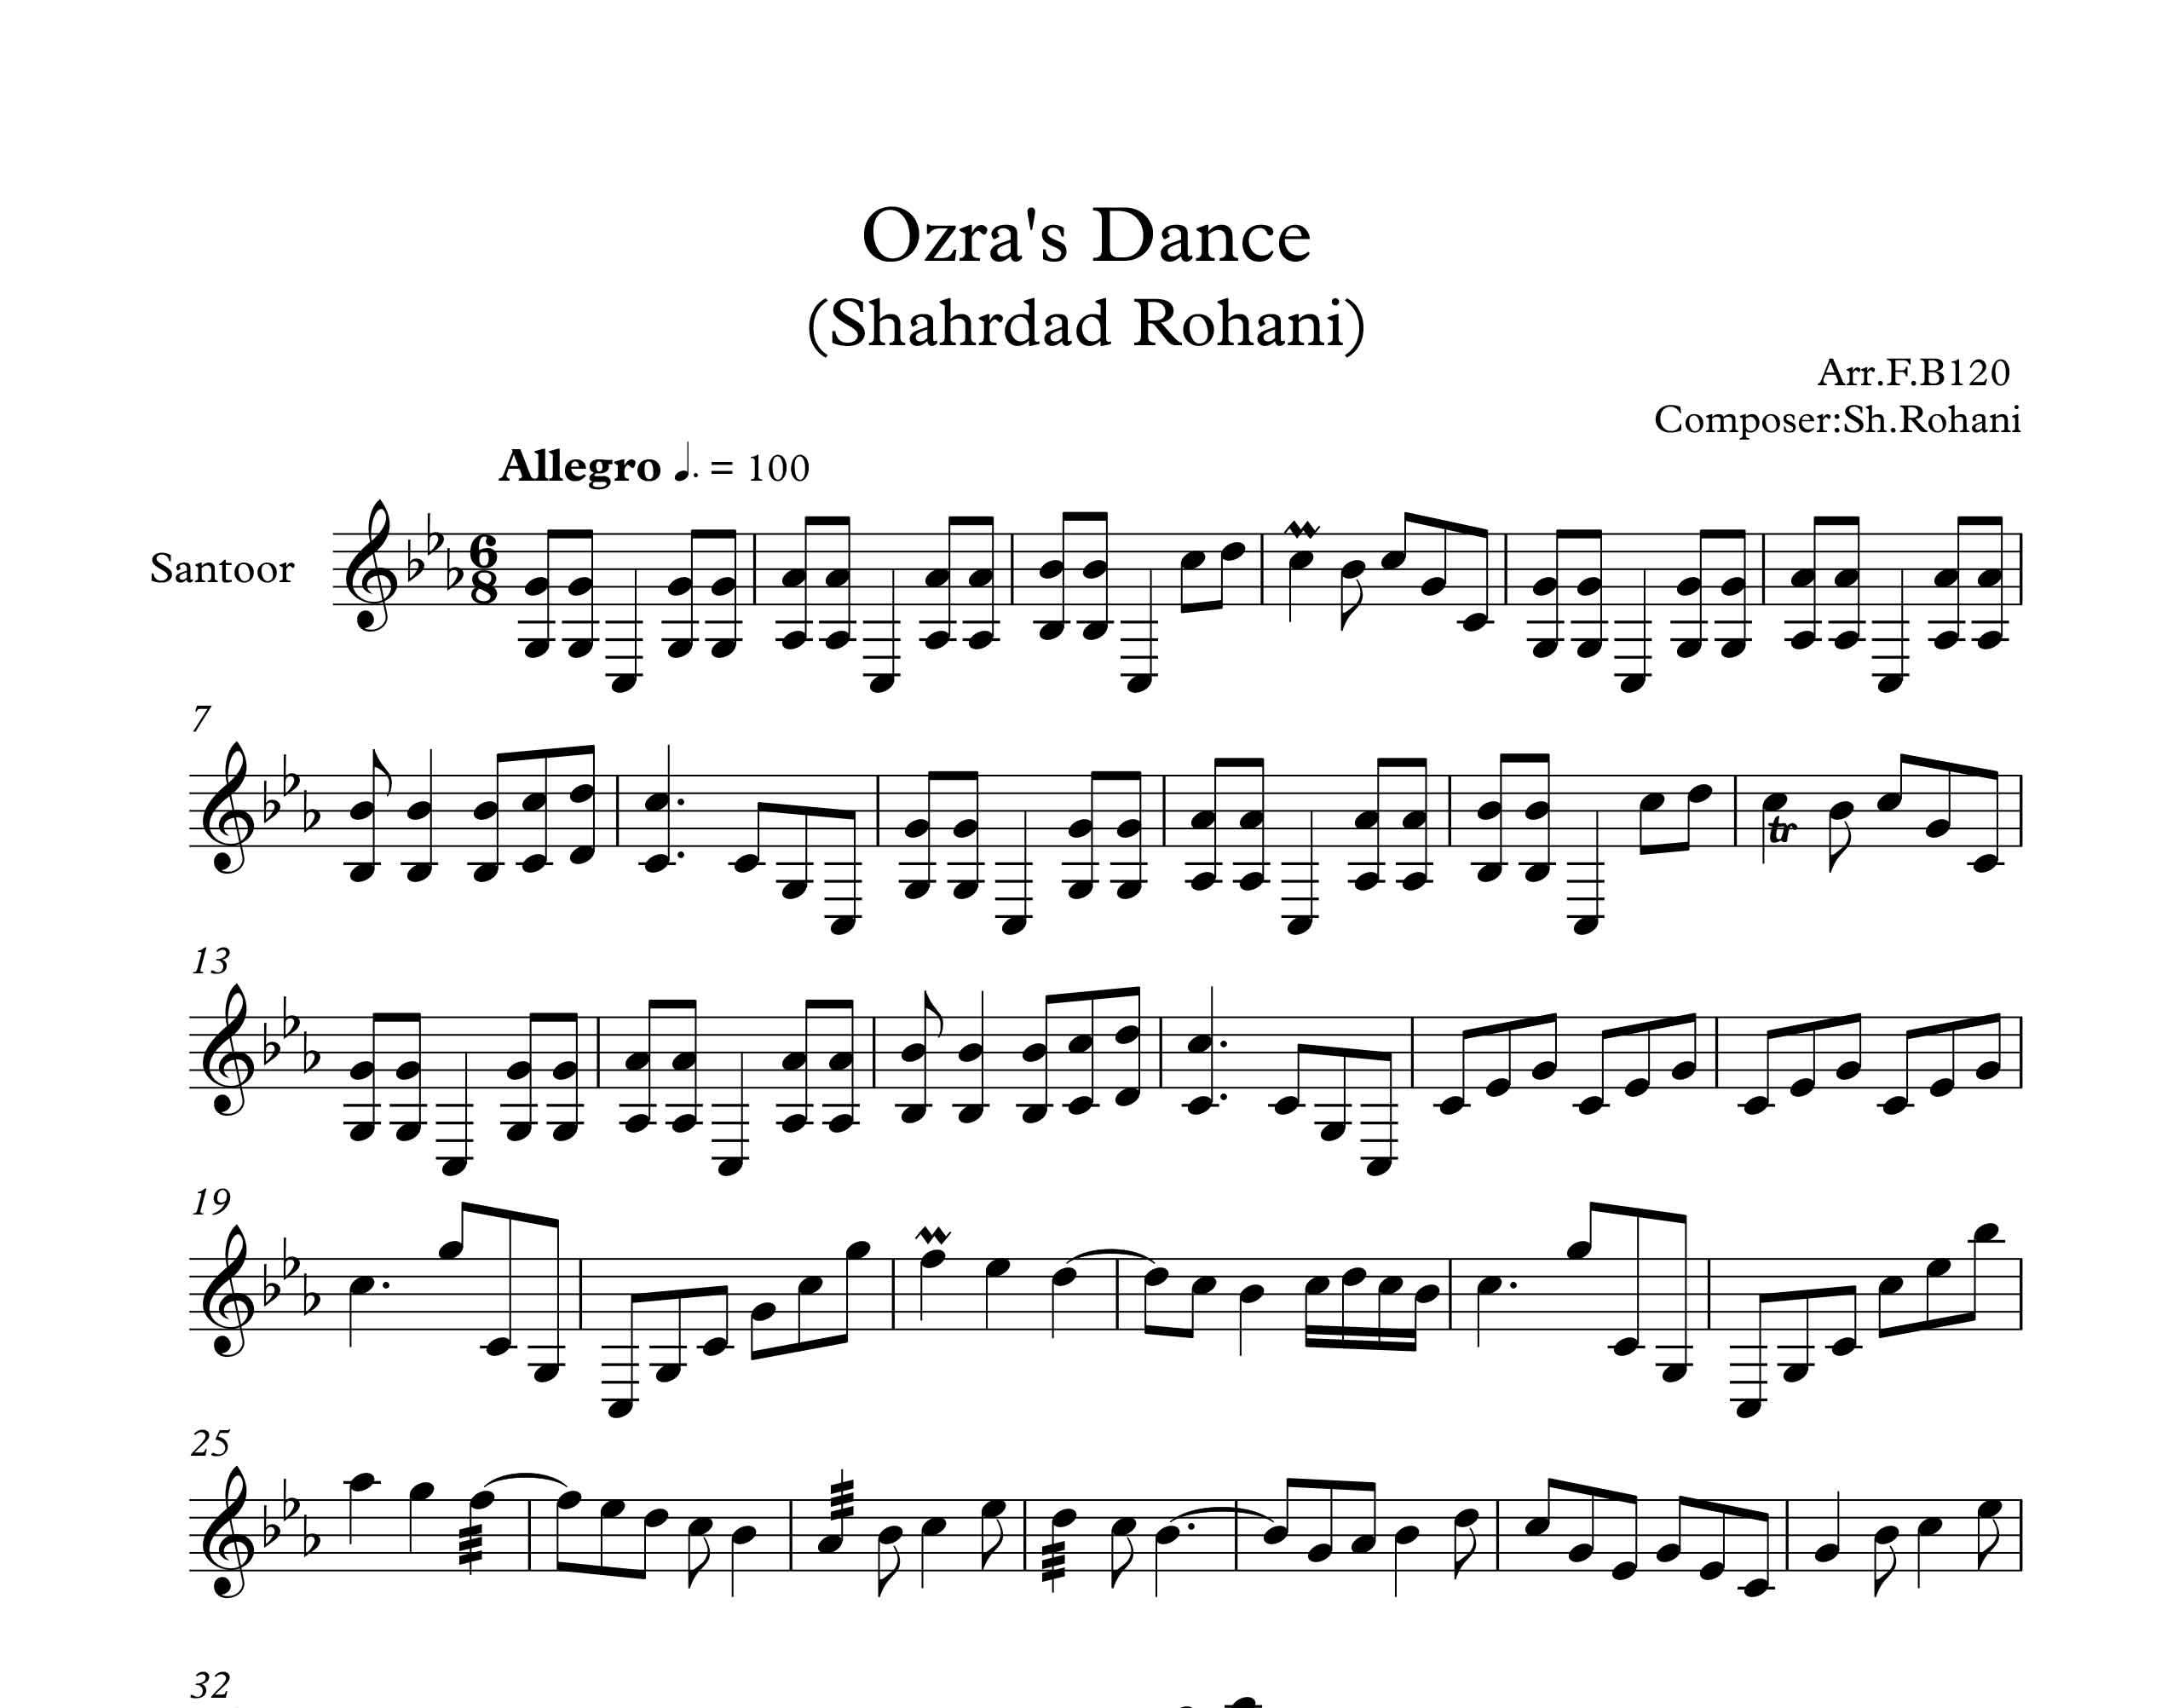 نت سنتور آهنگ رقص عذرا از شهرداد روحانی